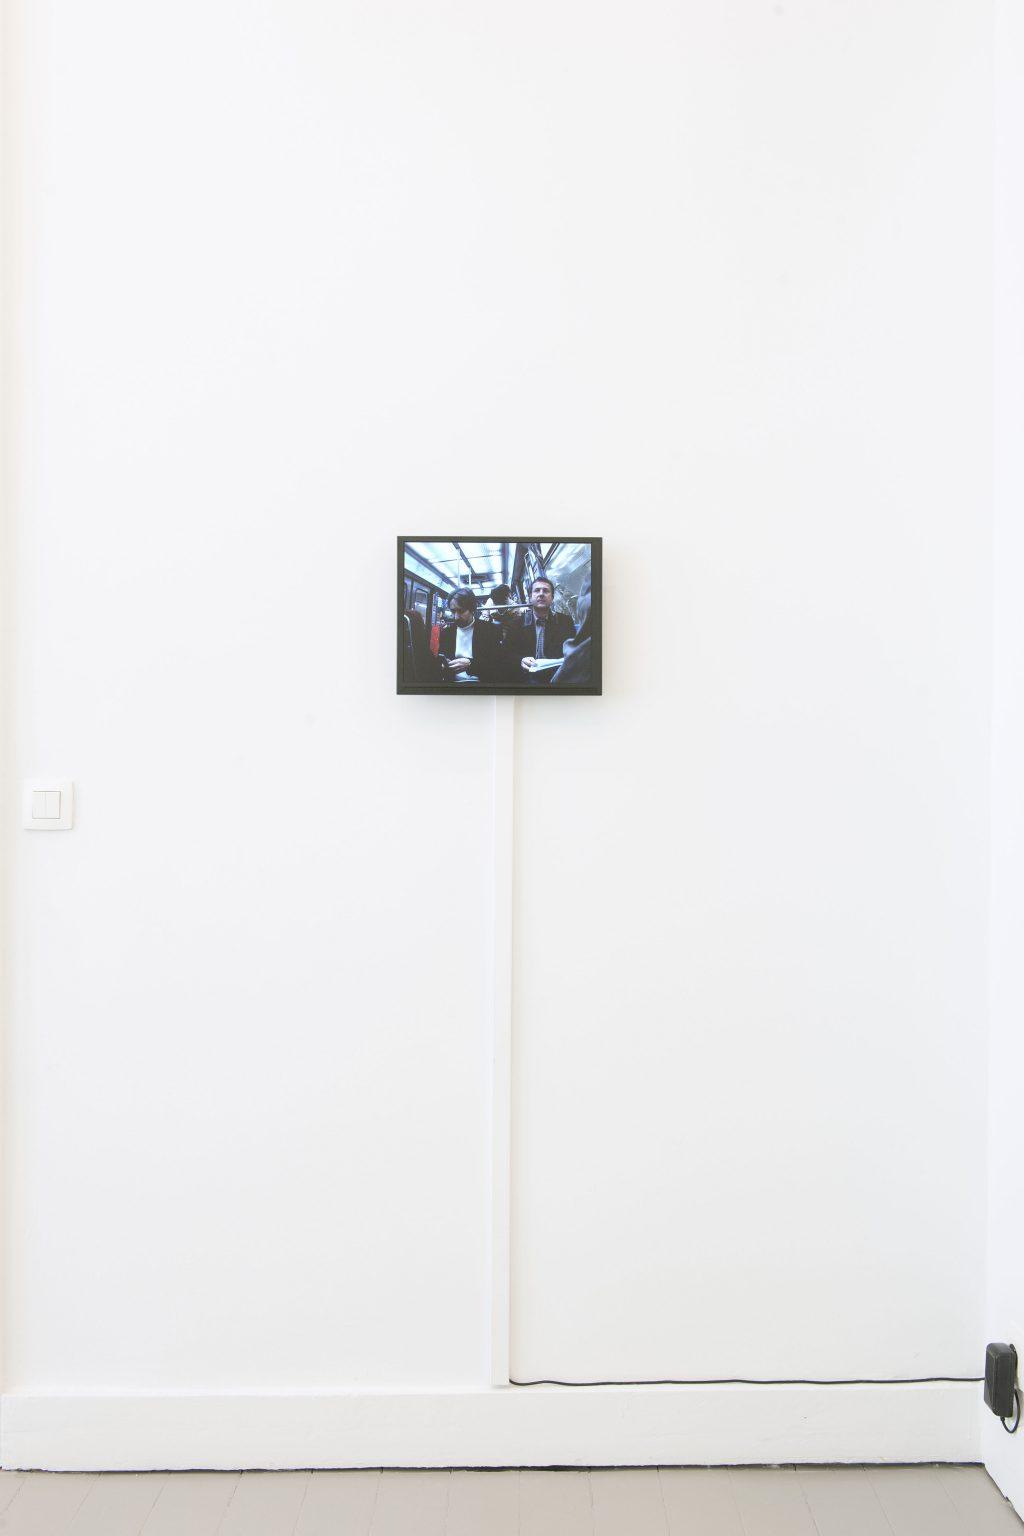 David Lamelas, Film 18 Paris IV.70, 1970 - 2004